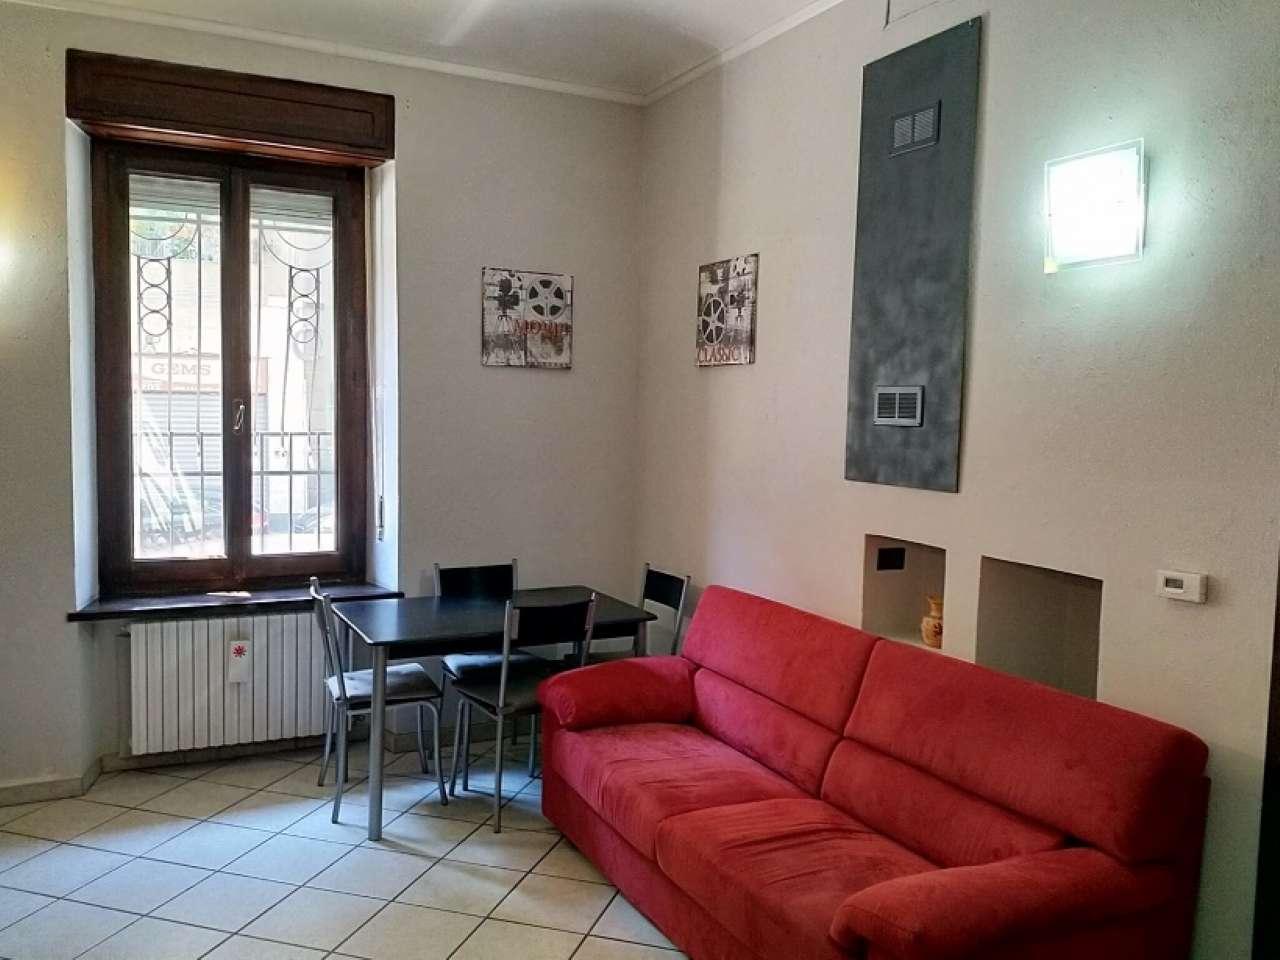 Foto 1 di Bilocale via VIA CESANA, Torino (zona Cenisia, San Paolo)